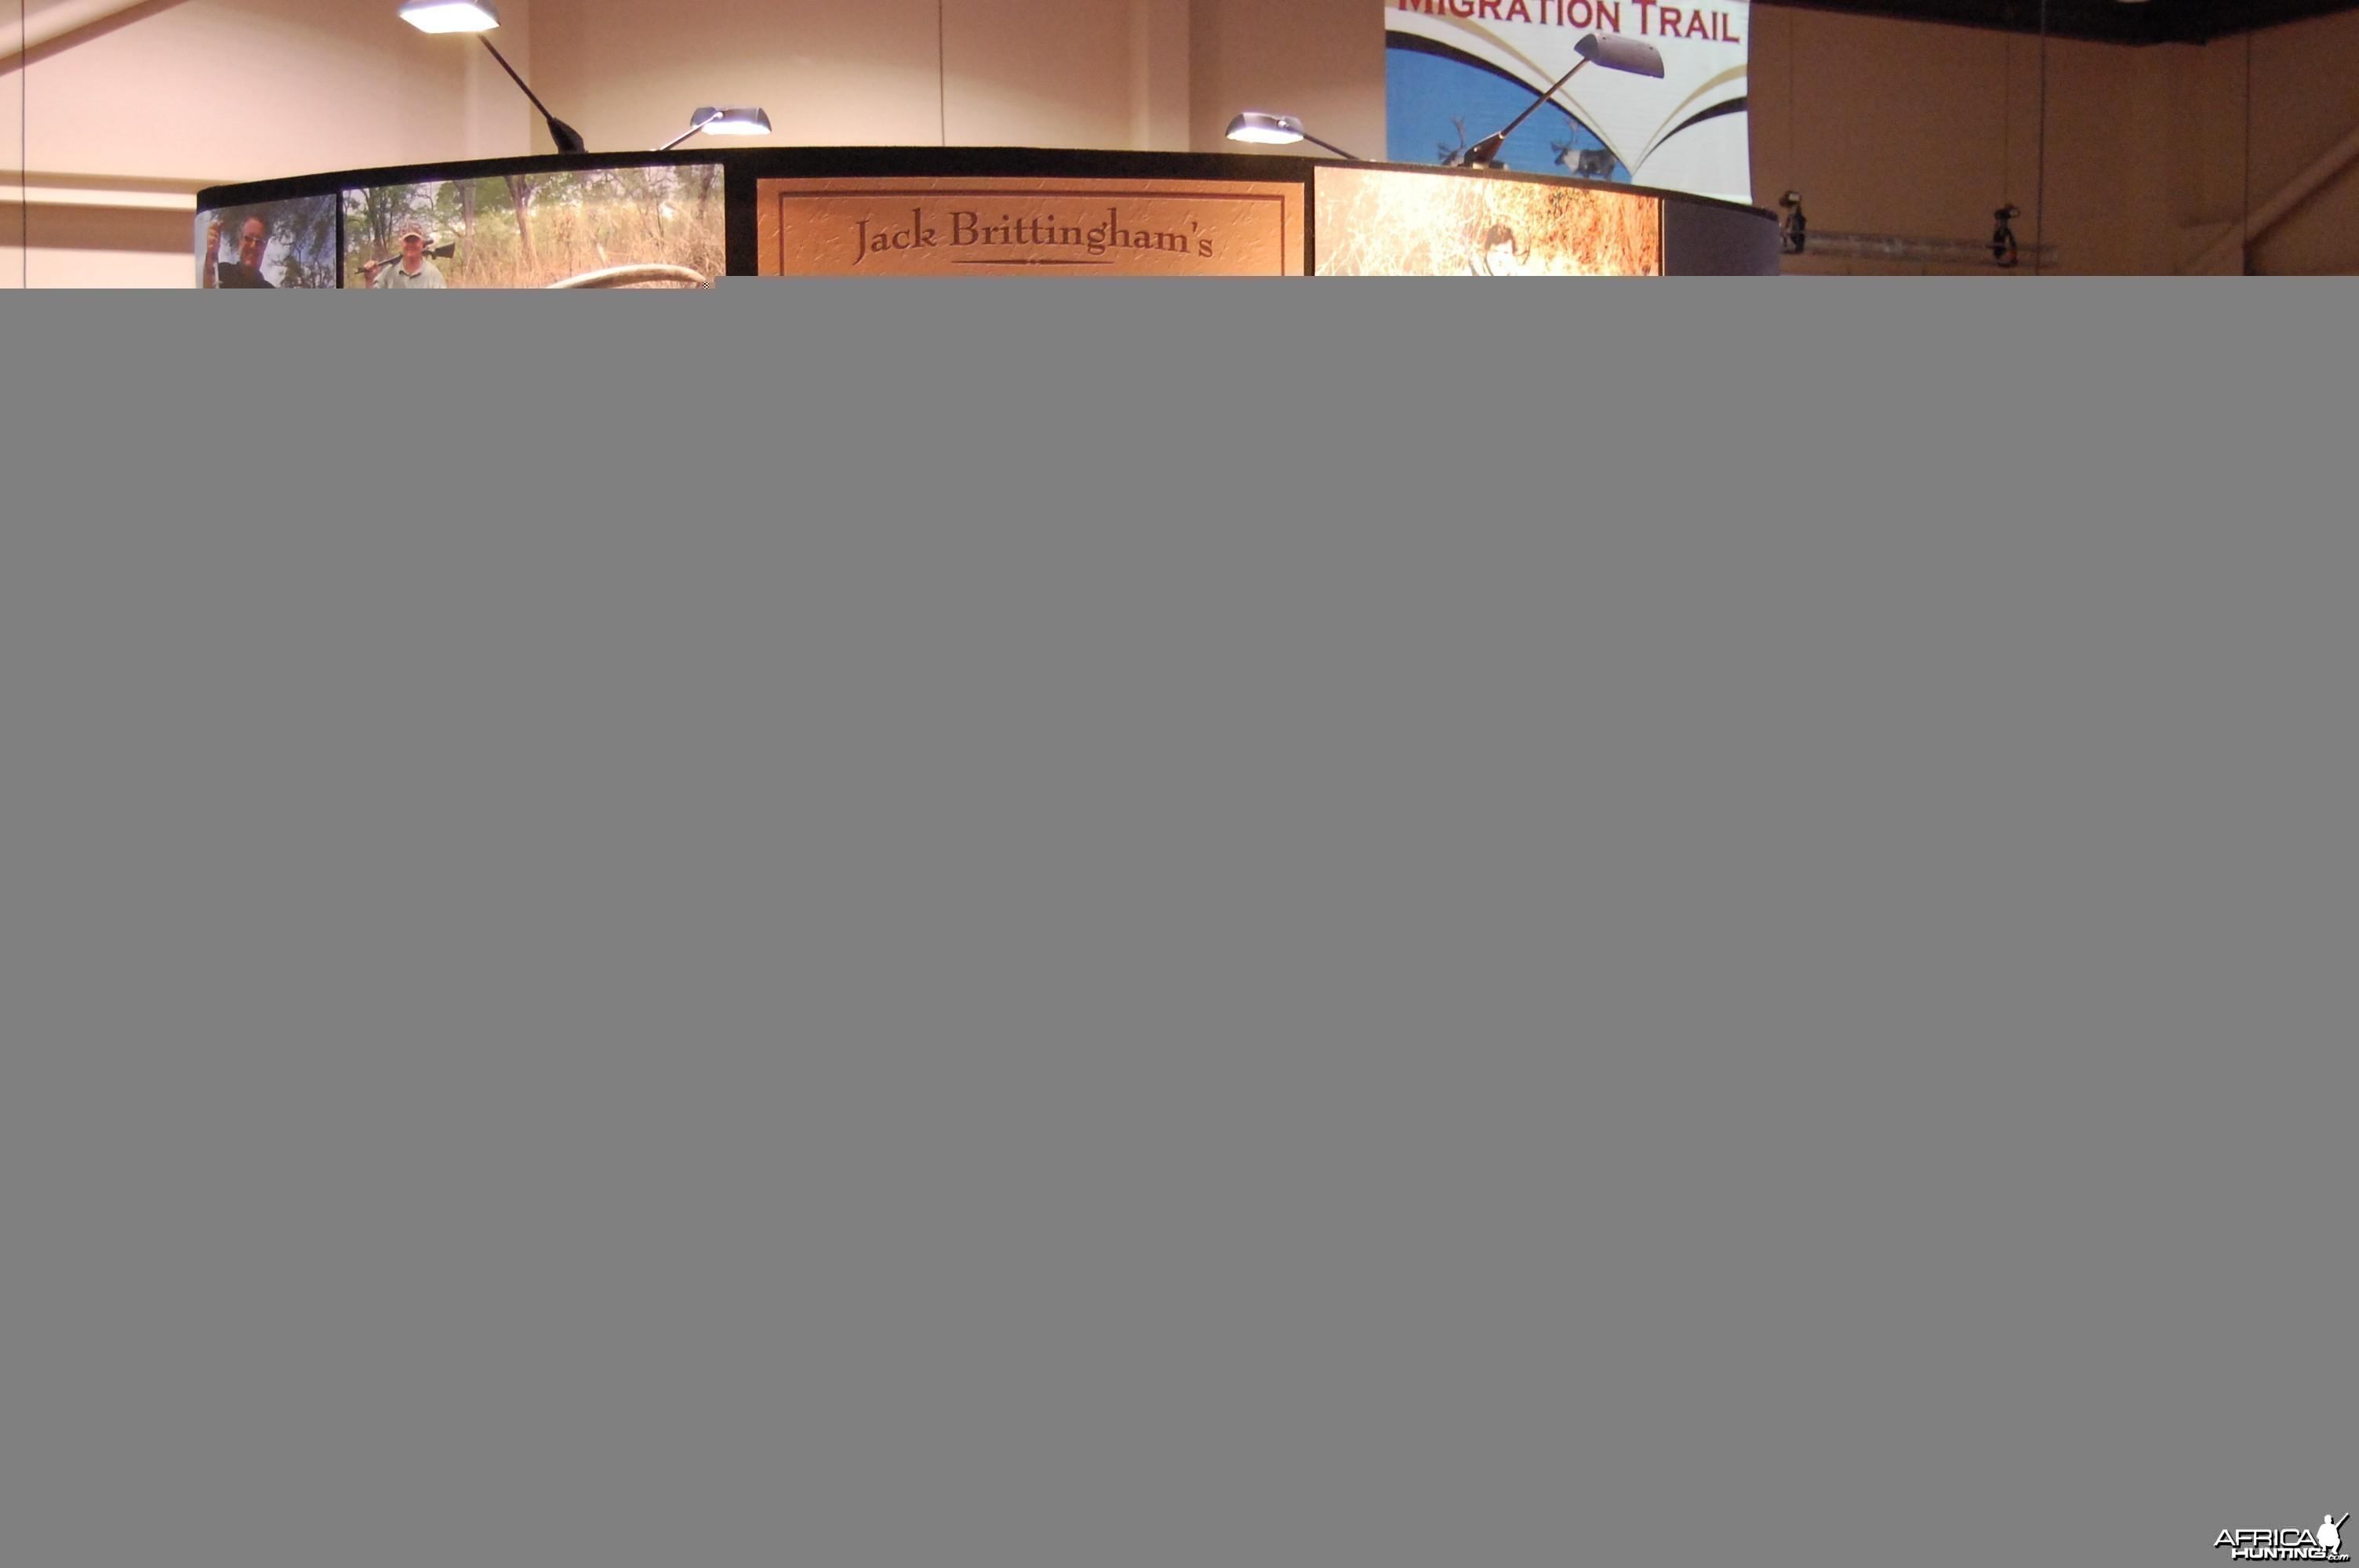 Jack Brittingham Tanzania Adventures